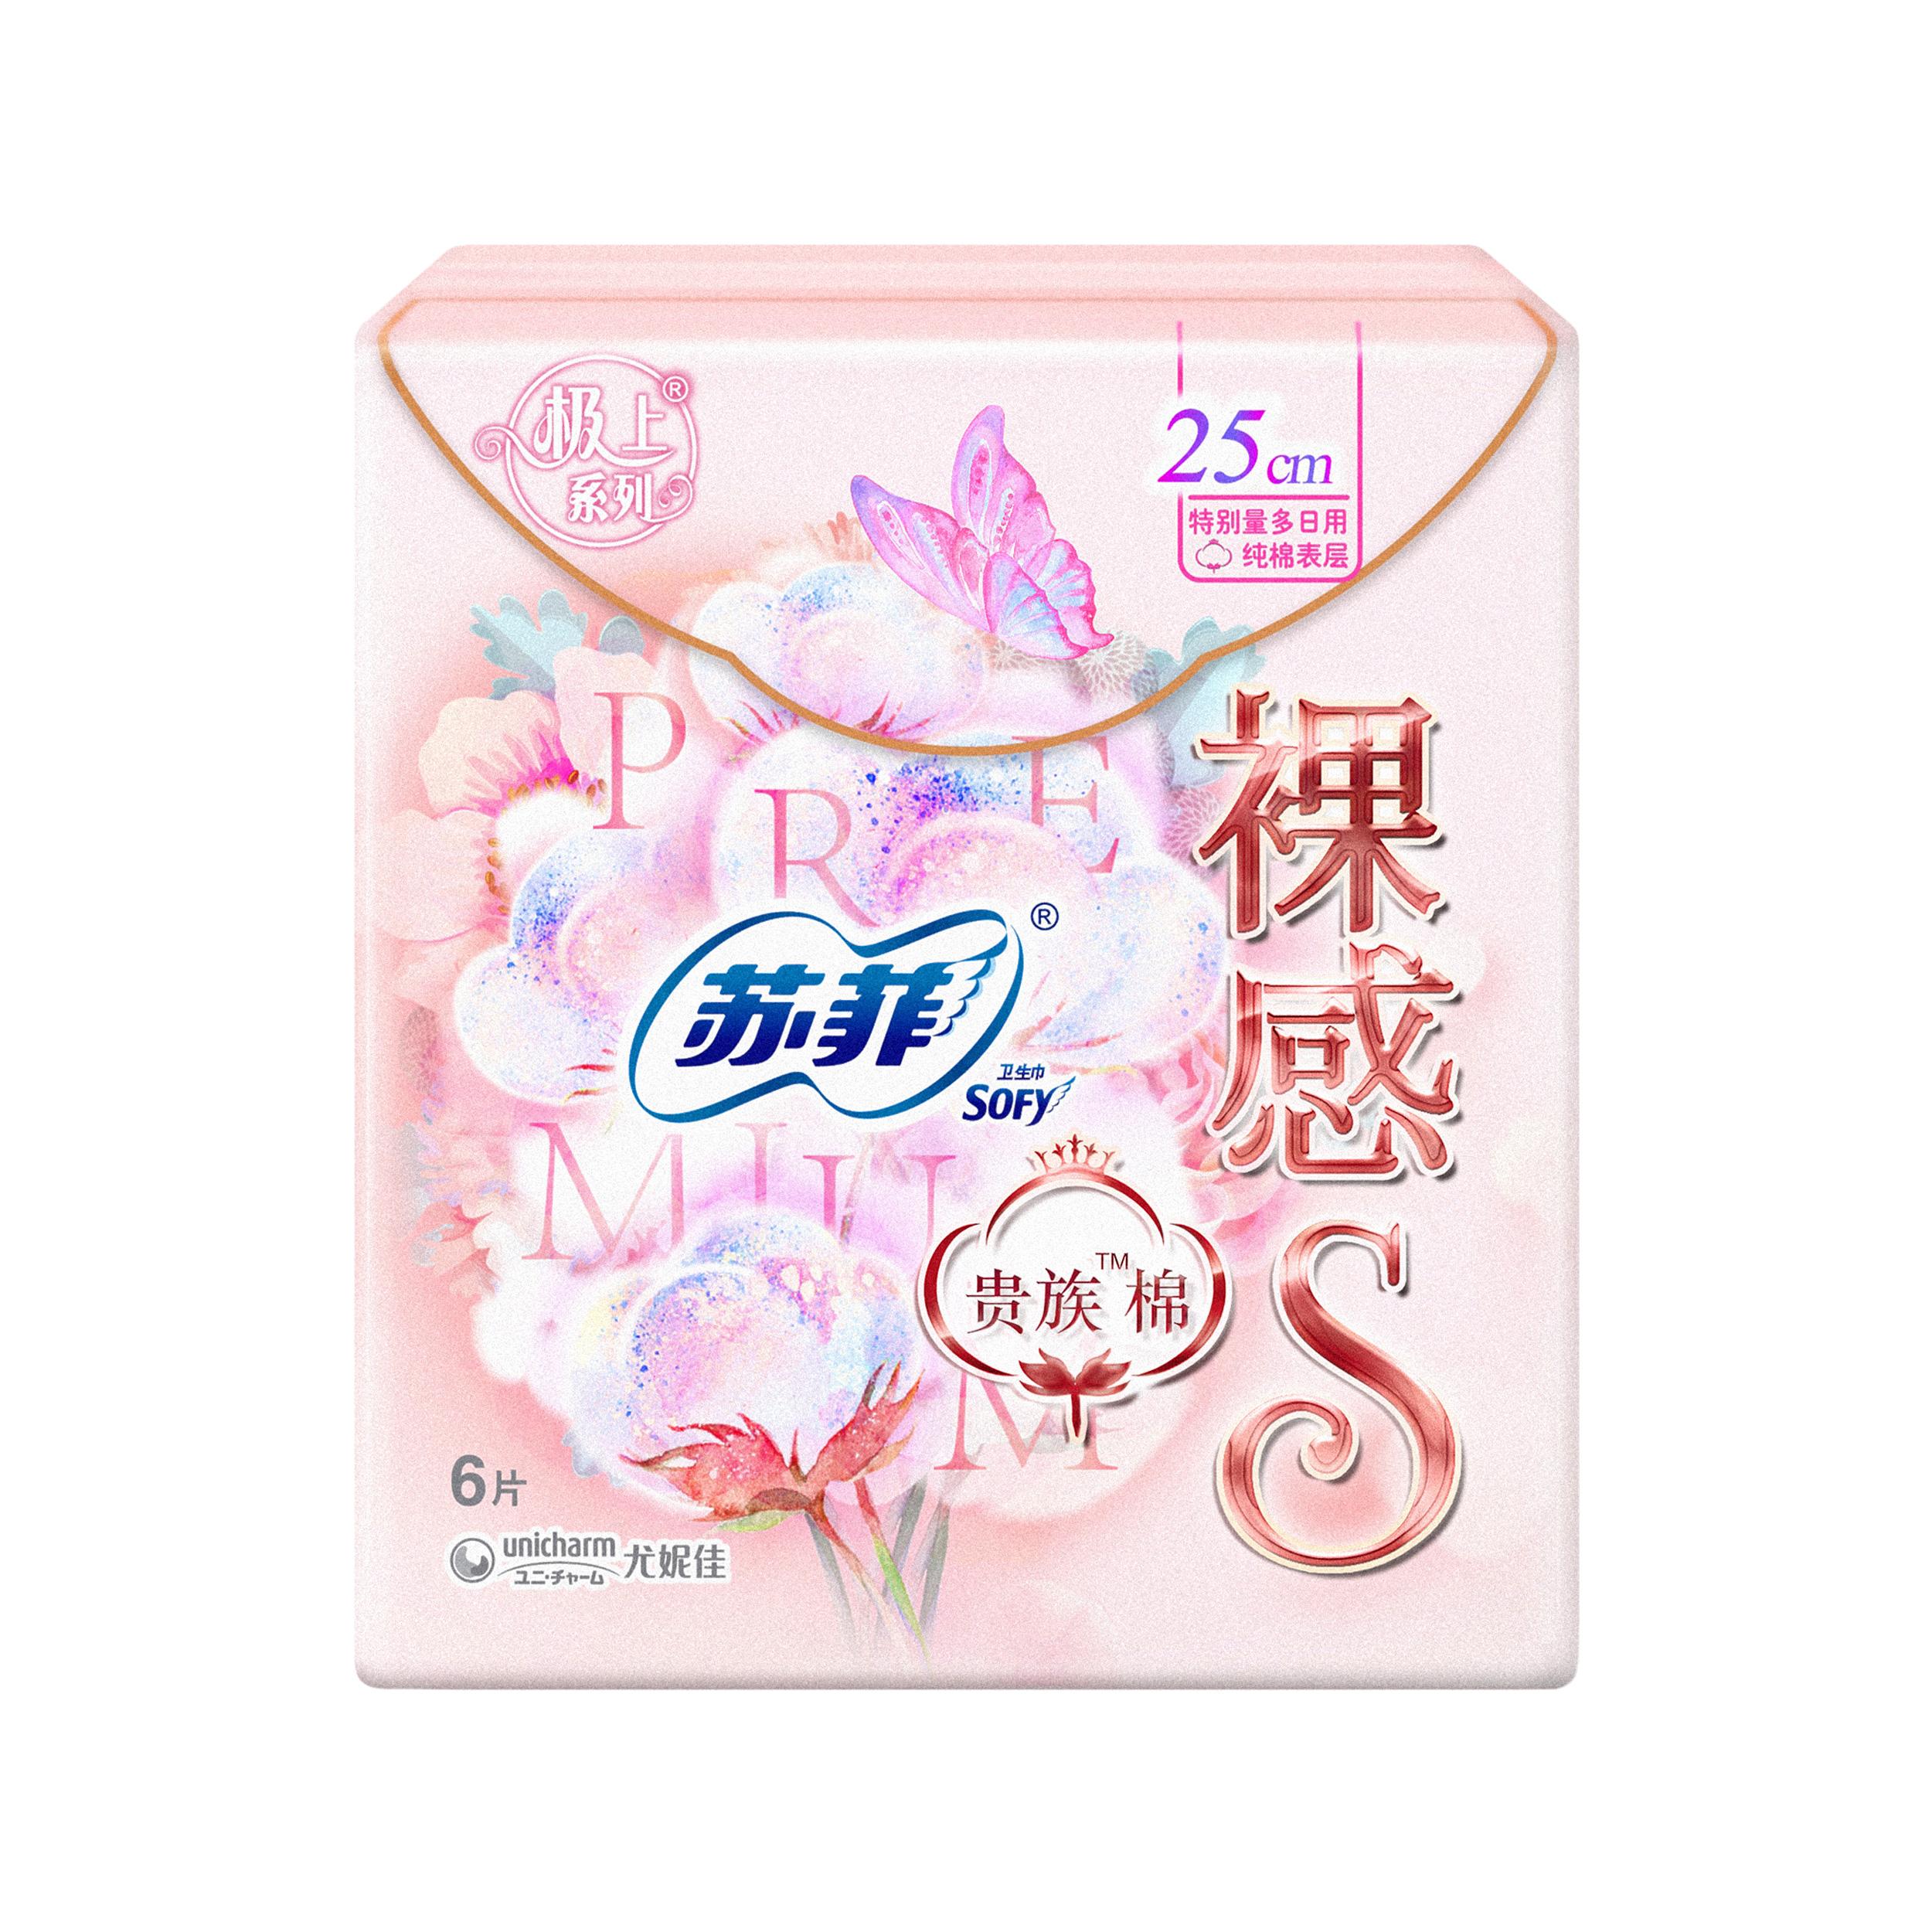 苏菲裸感S贵族日用卫生巾25CM6片性价比高吗